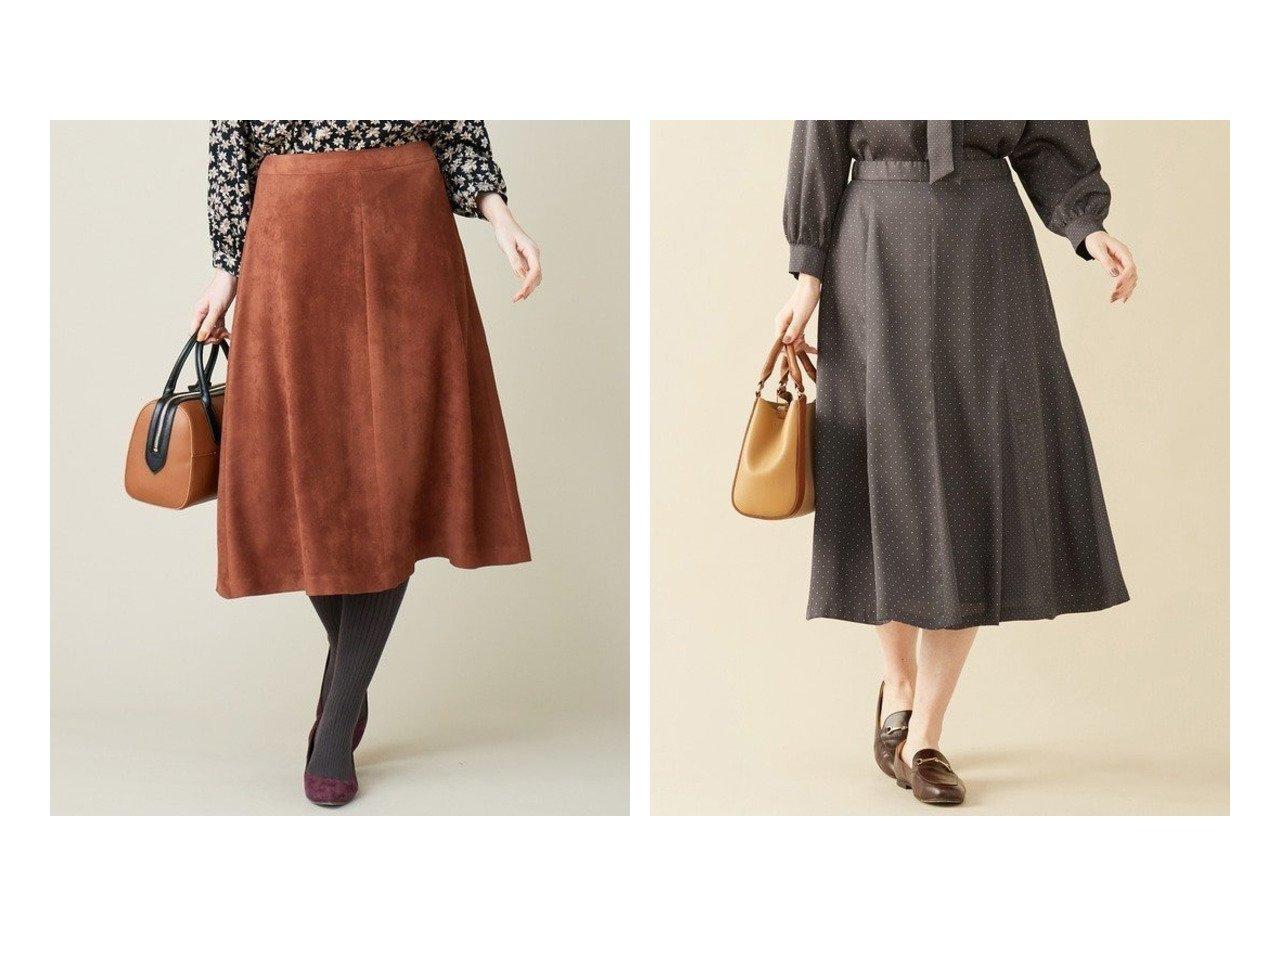 【J.PRESS/ジェイ プレス】の【洗える】シルクライクサテンドット スカート&Peスエード スカート スカートのおすすめ!人気、レディースファッションの通販 おすすめで人気のファッション通販商品 インテリア・家具・キッズファッション・メンズファッション・レディースファッション・服の通販 founy(ファニー) https://founy.com/ ファッション Fashion レディース WOMEN スカート Skirt スエード トレンド ランダム リアル ドット ドレープ フェミニン フレア  ID:crp329100000003031